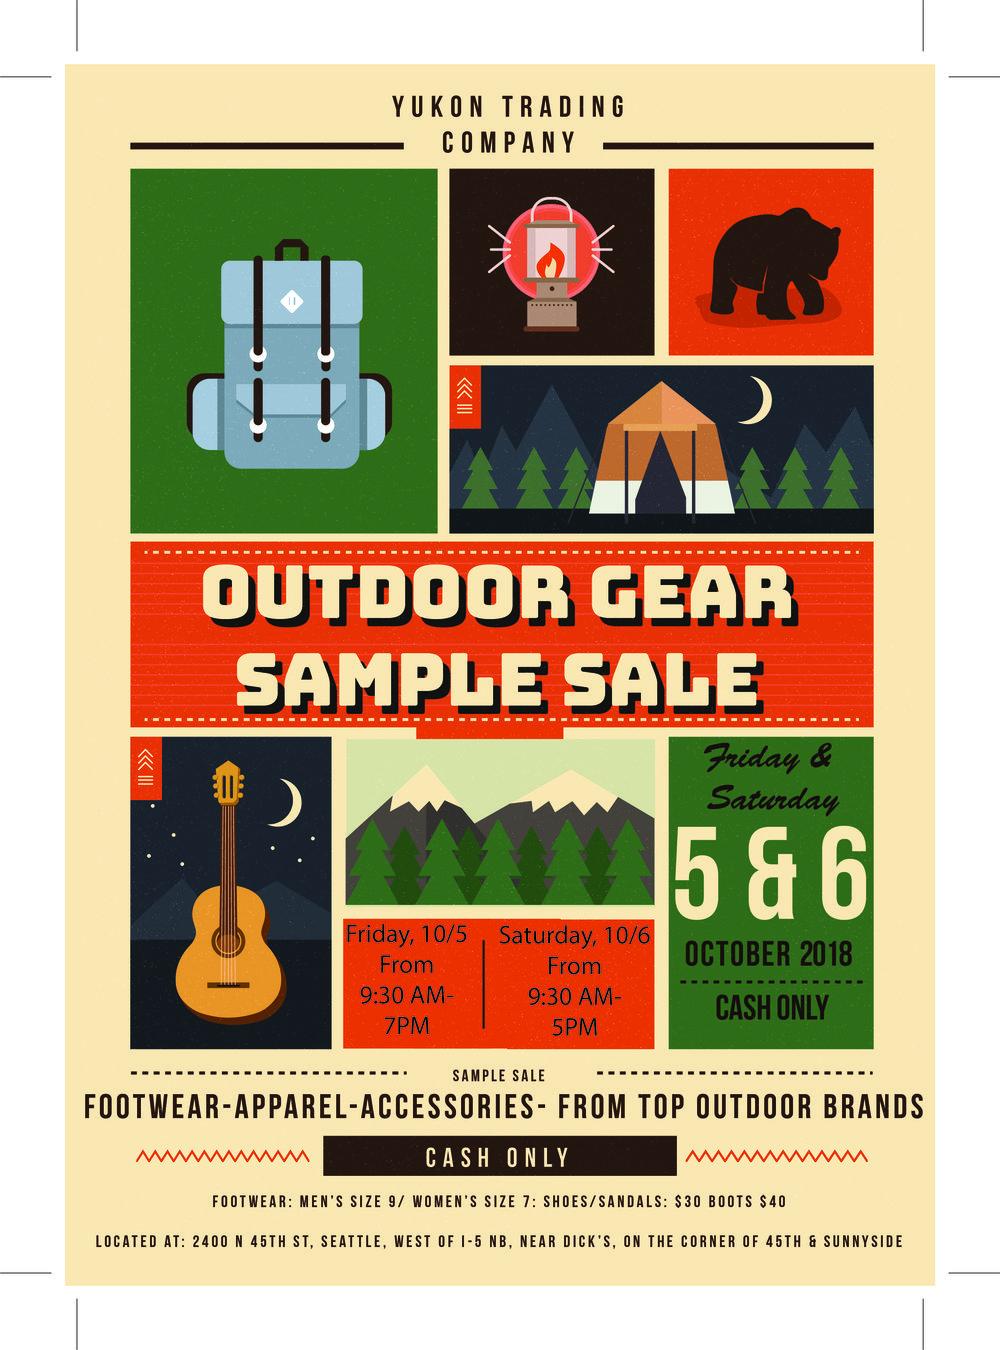 Sample Sale Flyer.jpg